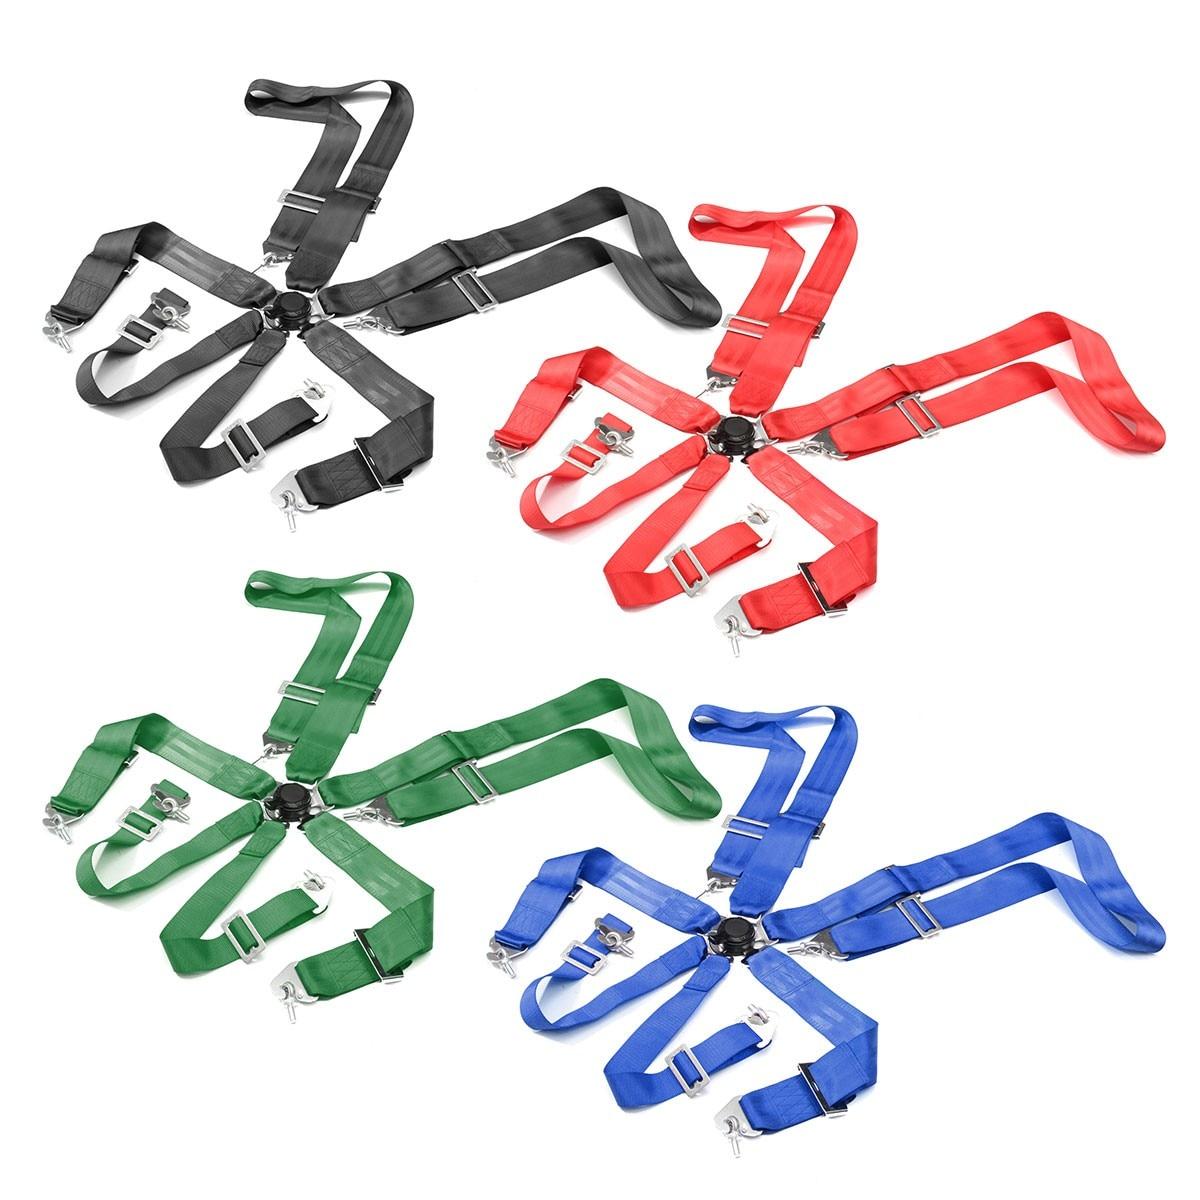 Sports Racing harnais ceinture de sécurité 6 points fixation montage rapide Nylon sécurité voiture course ceinture de sécurité noir rouge vert